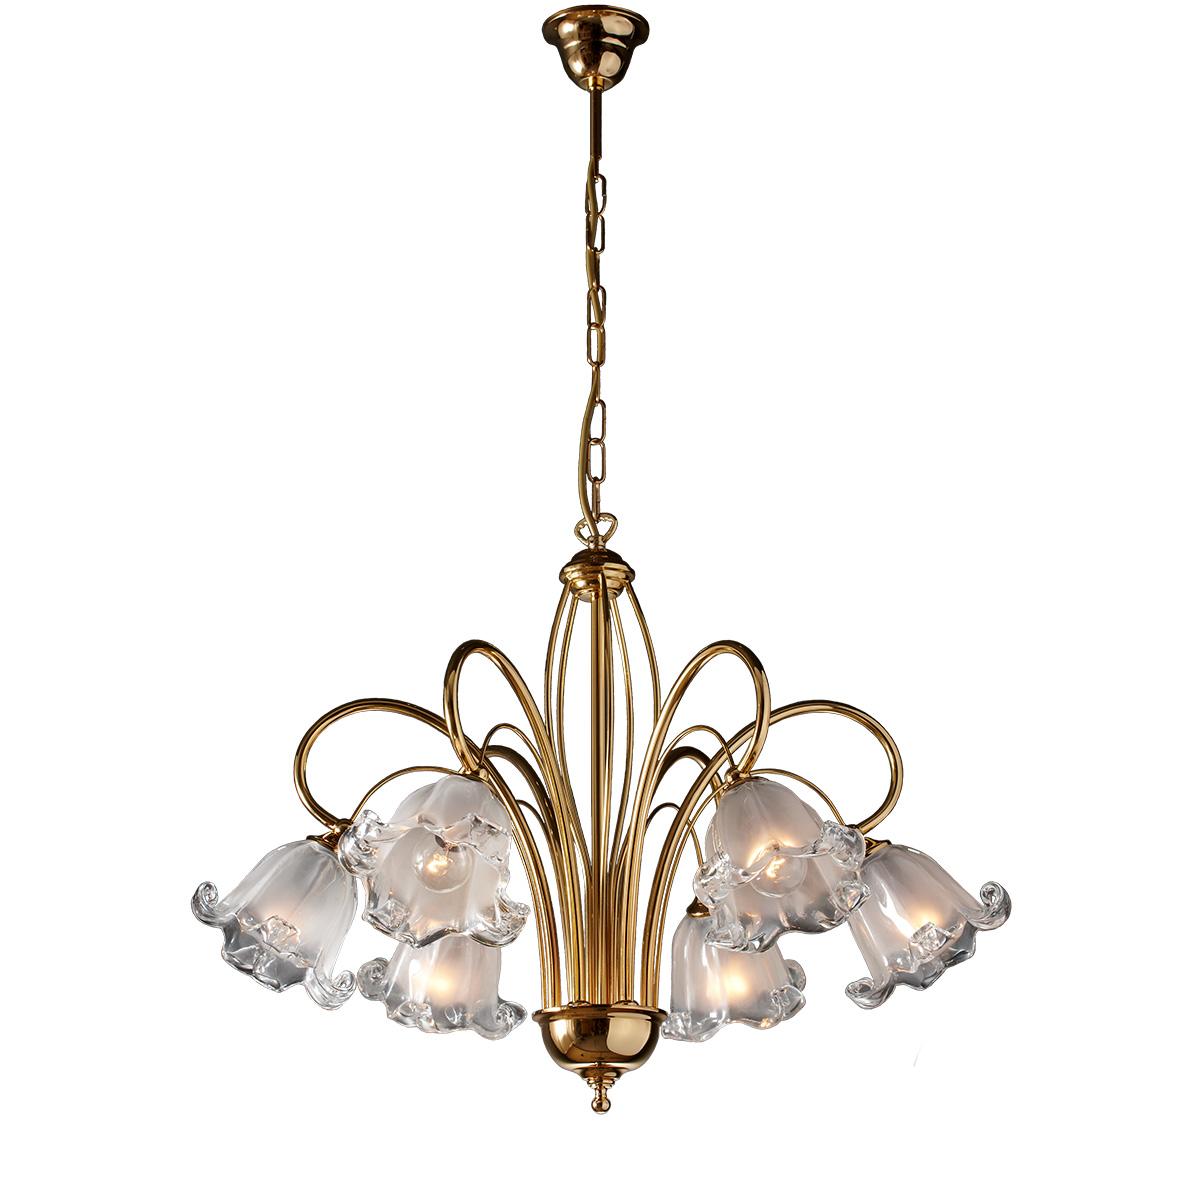 Κλασικό 6φωτο με κρύσταλλα Murano ΝΥΜΦΑΙΟ classic 6-bulb with Murano crystals